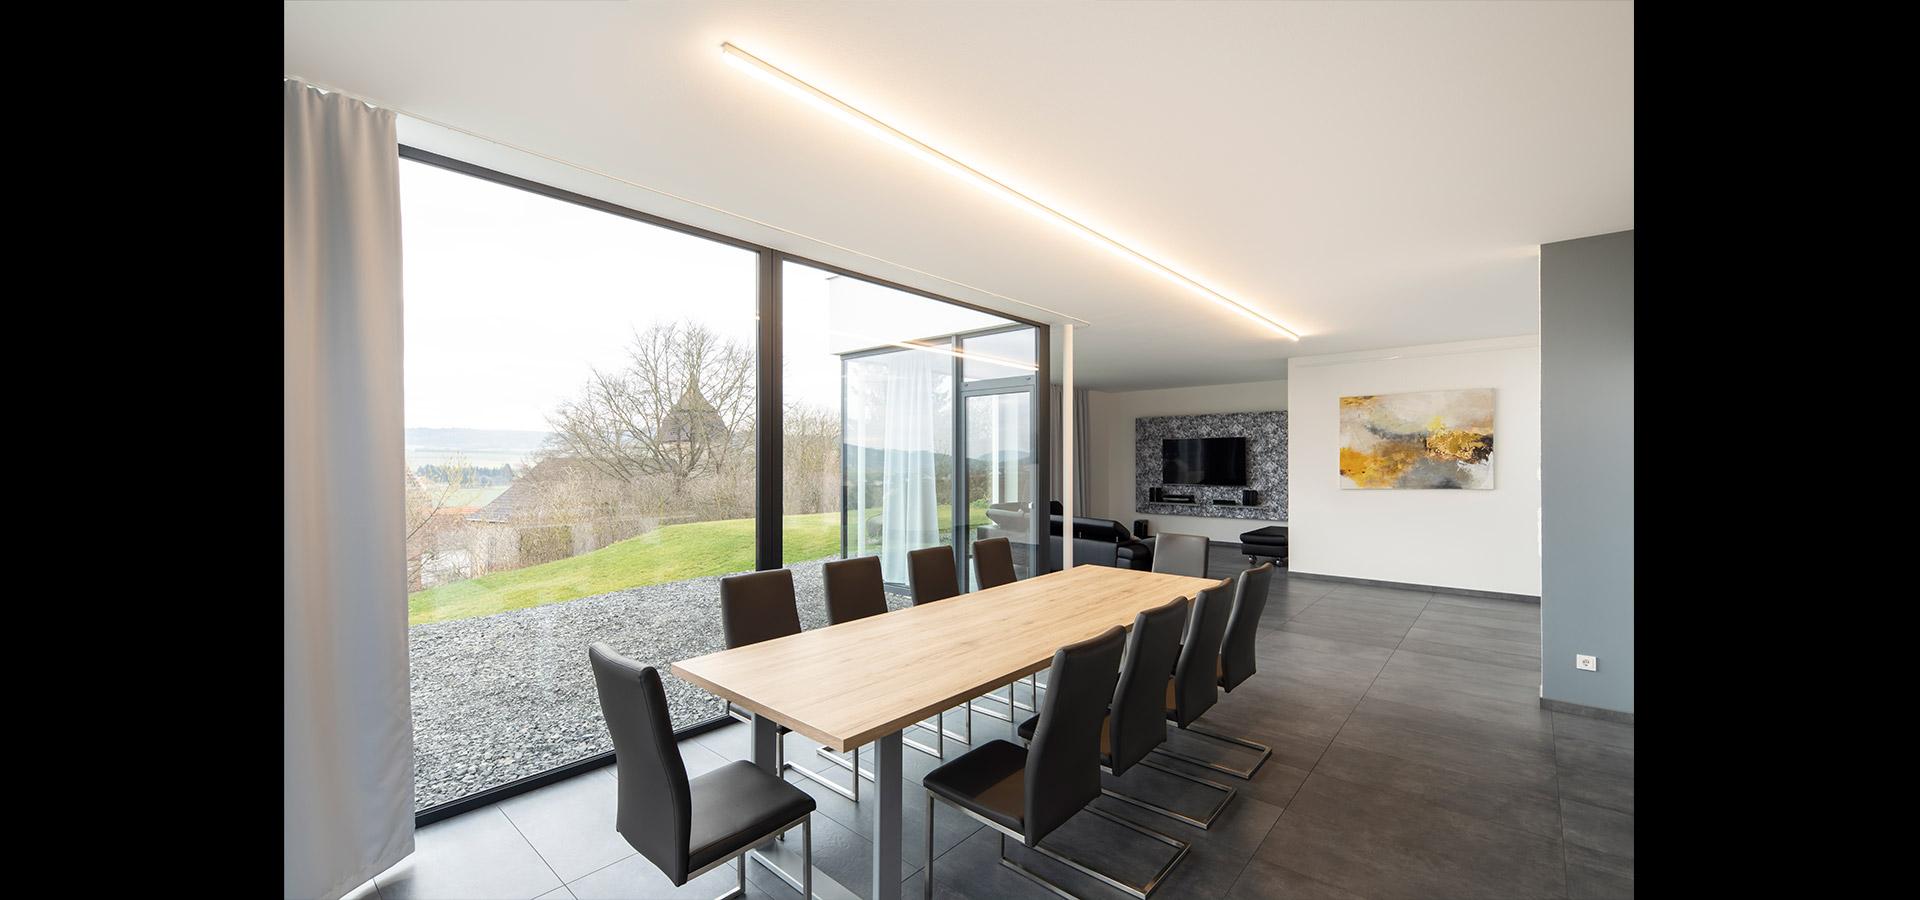 Luxsystem LED-Lichtband » Beleuchtung für Wohnzimmer ✓